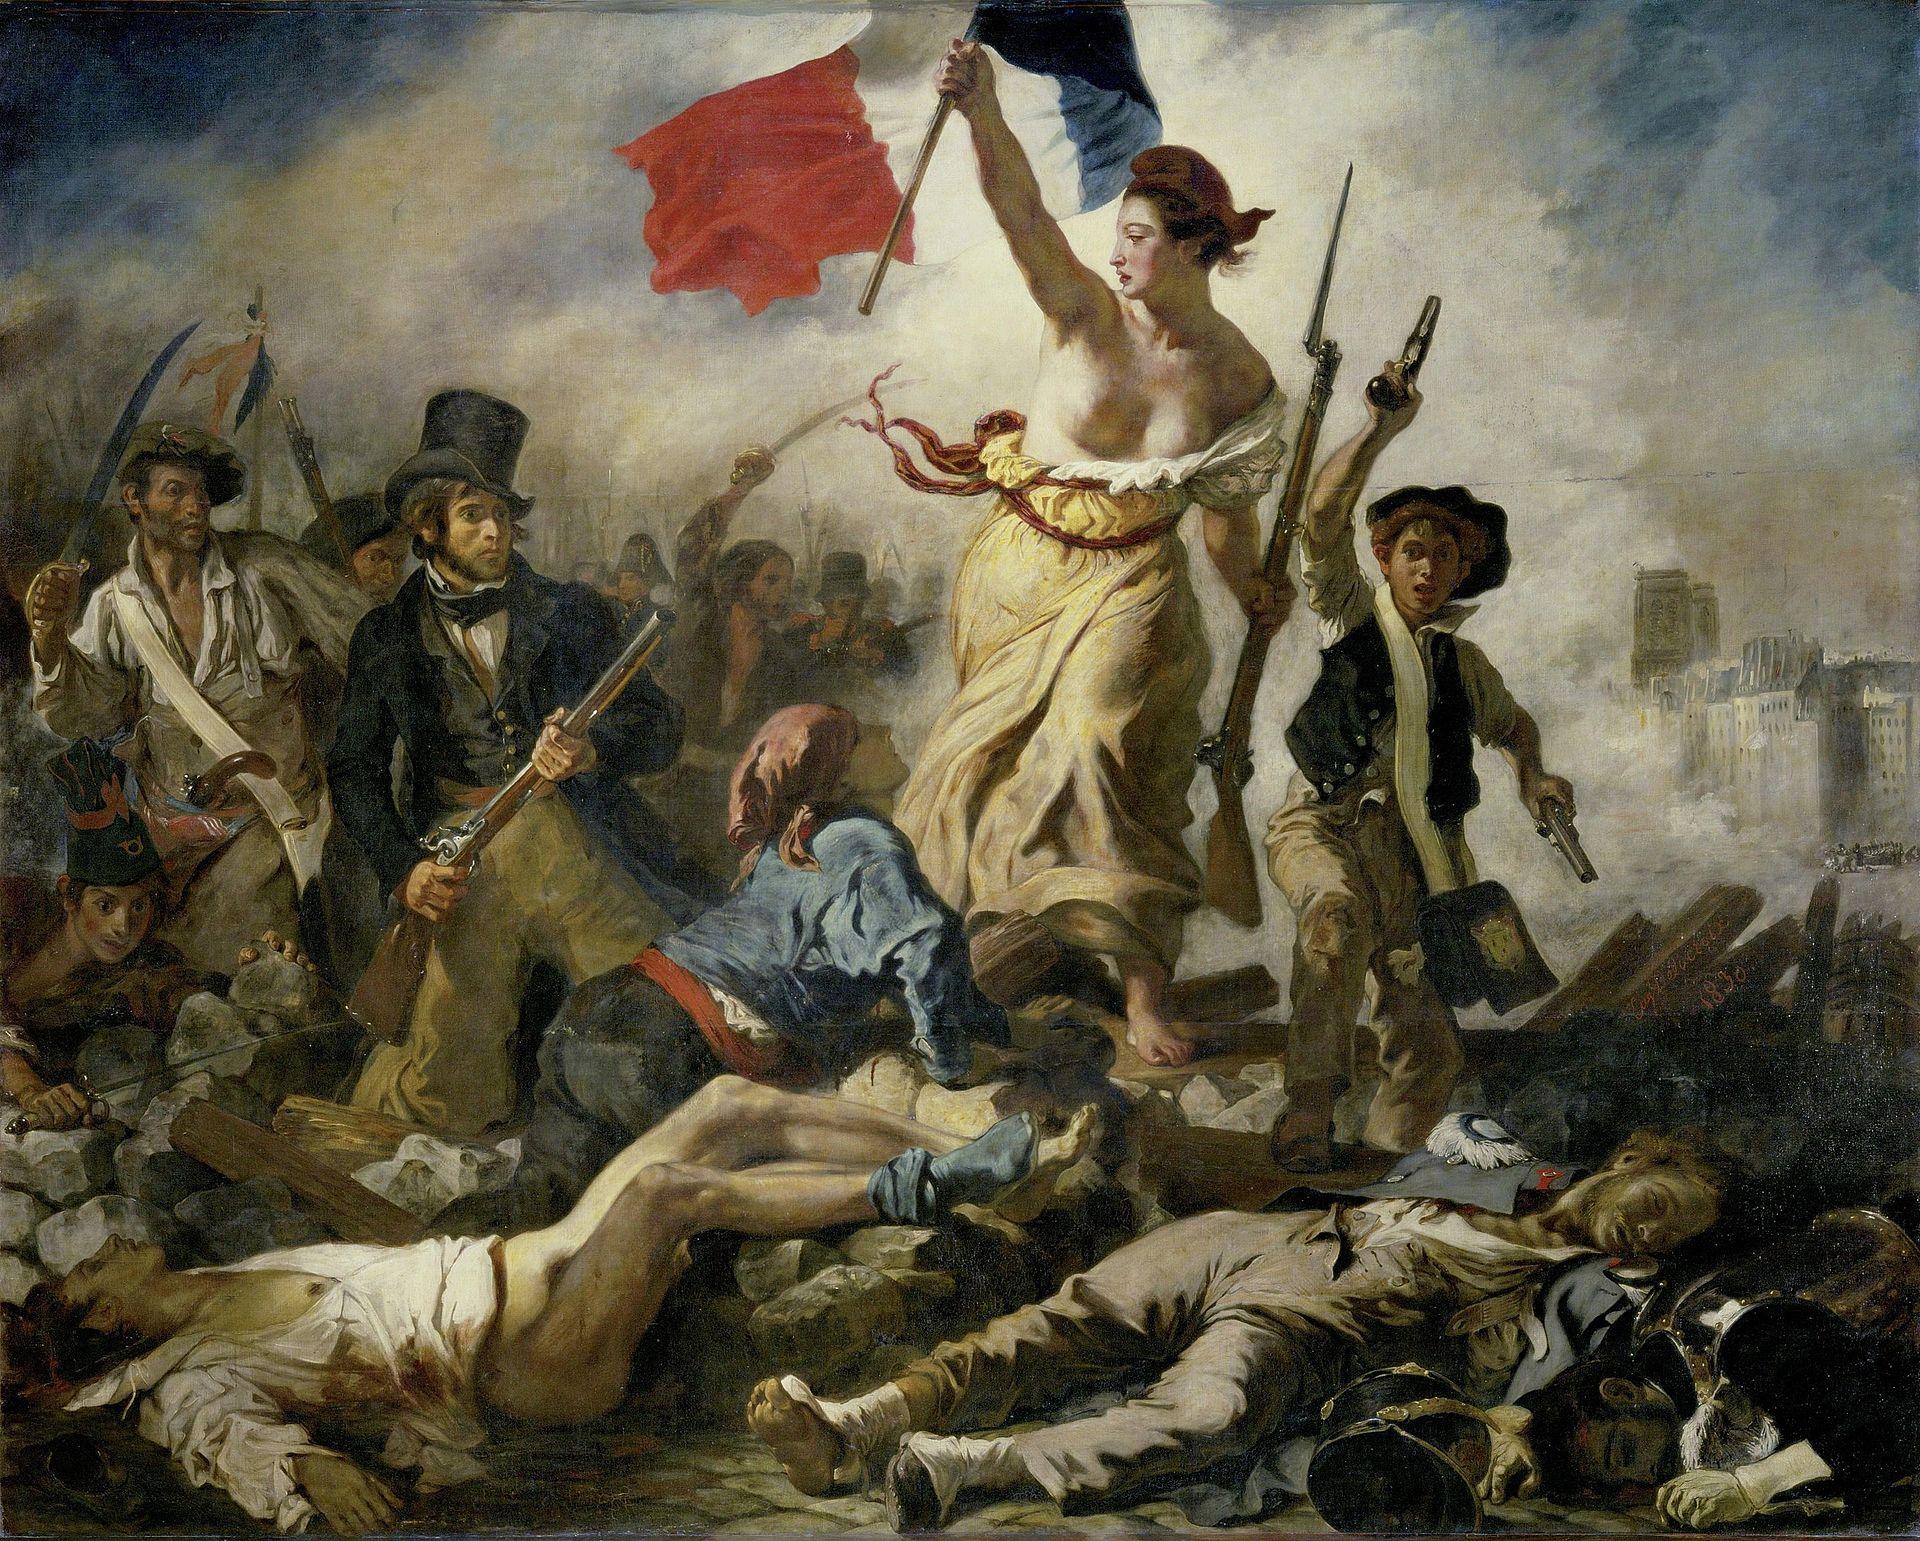 35. La Libertà che guida il popolo - Eugène Delacroix (1830) – Louvre, Parigi